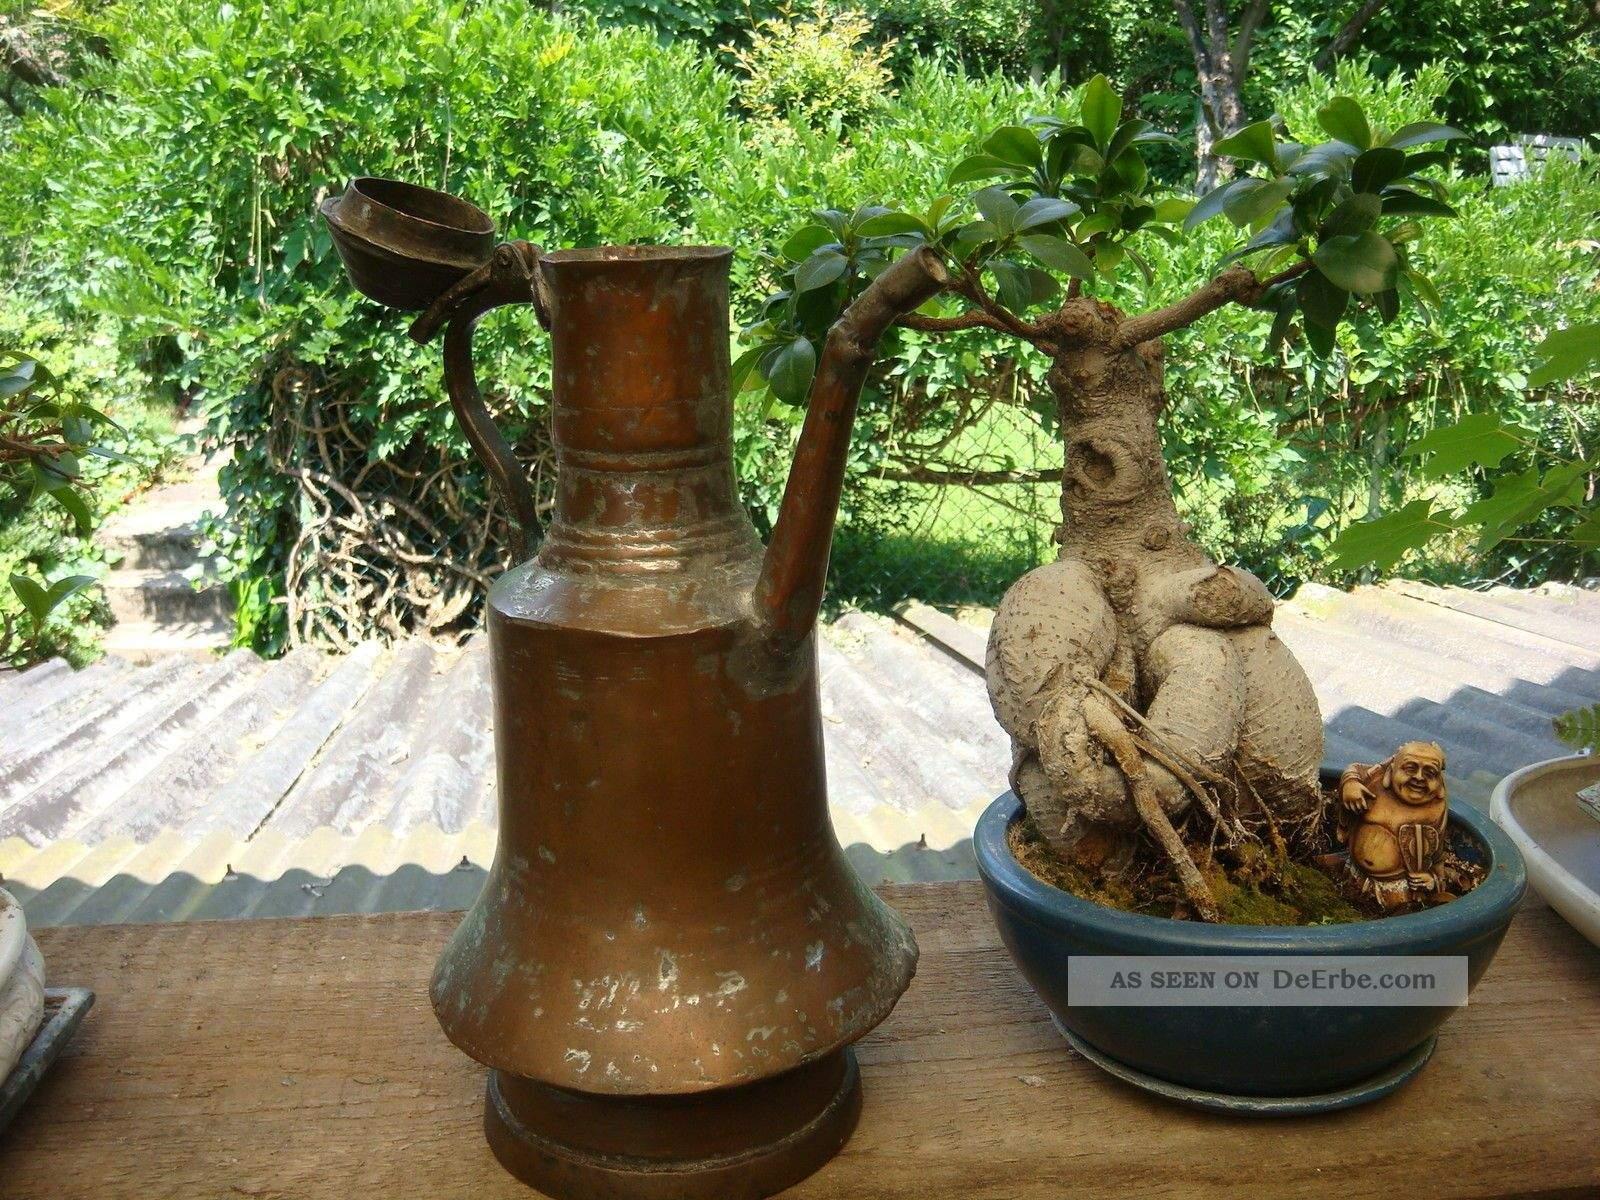 alte kupfer giekanne wasserkanne antik garten terrasse deko pflanzen bonsai